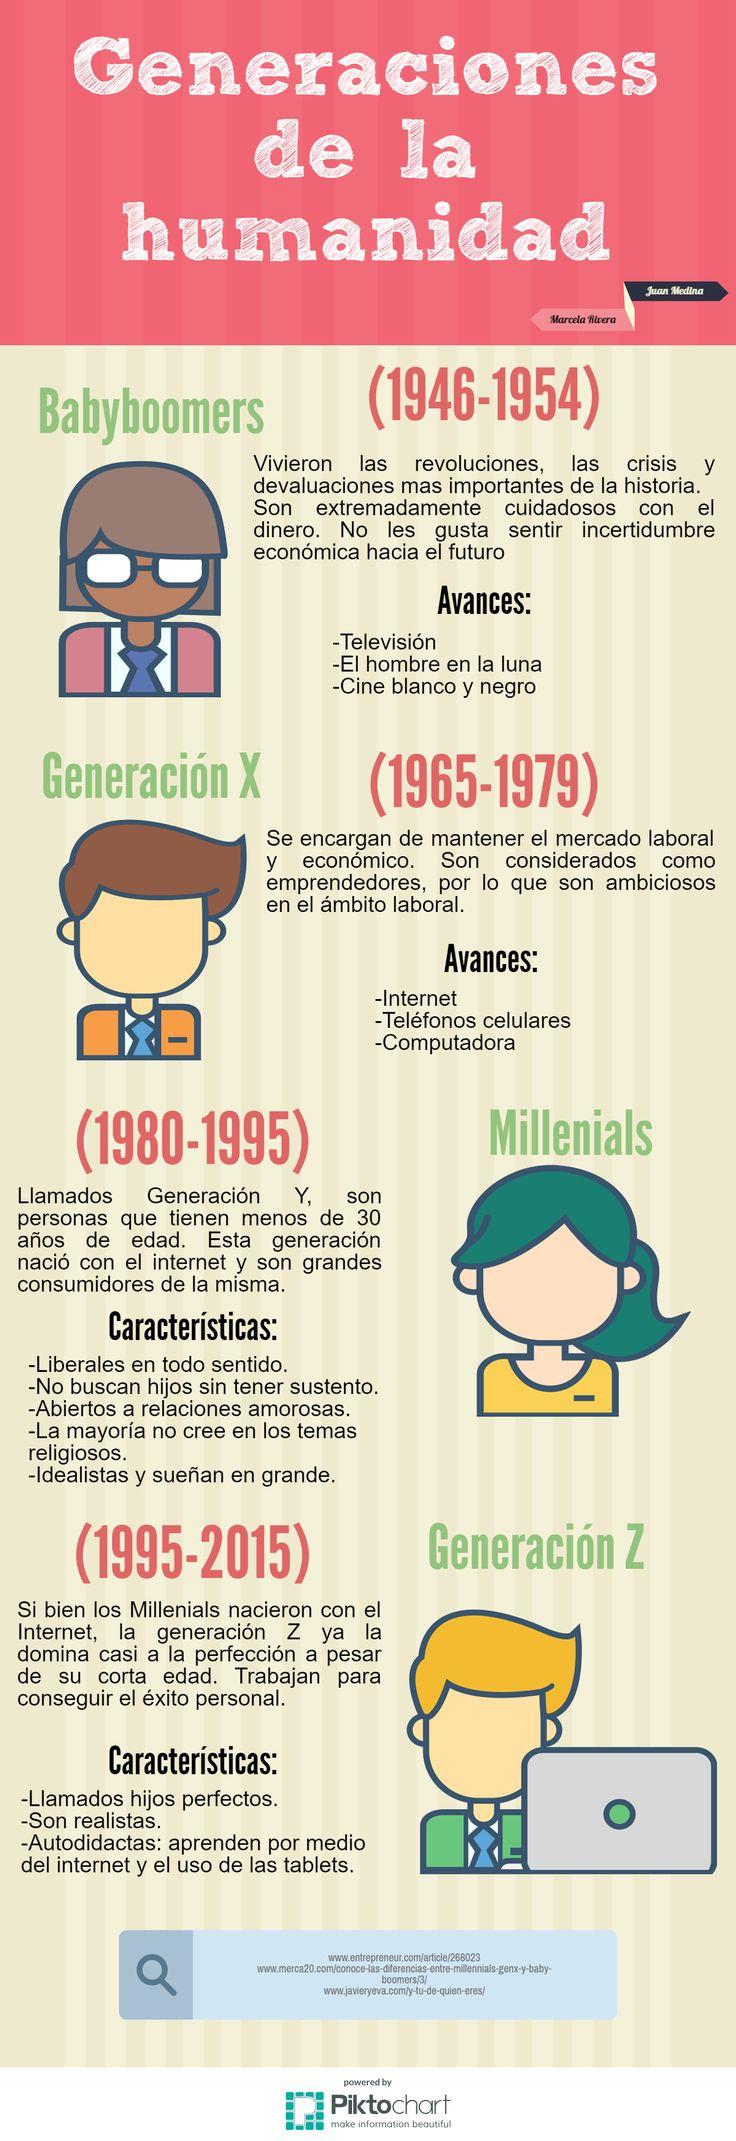 infografia de las generaciones, baby boomers, generacion x, millenials, generacion z, generacion y